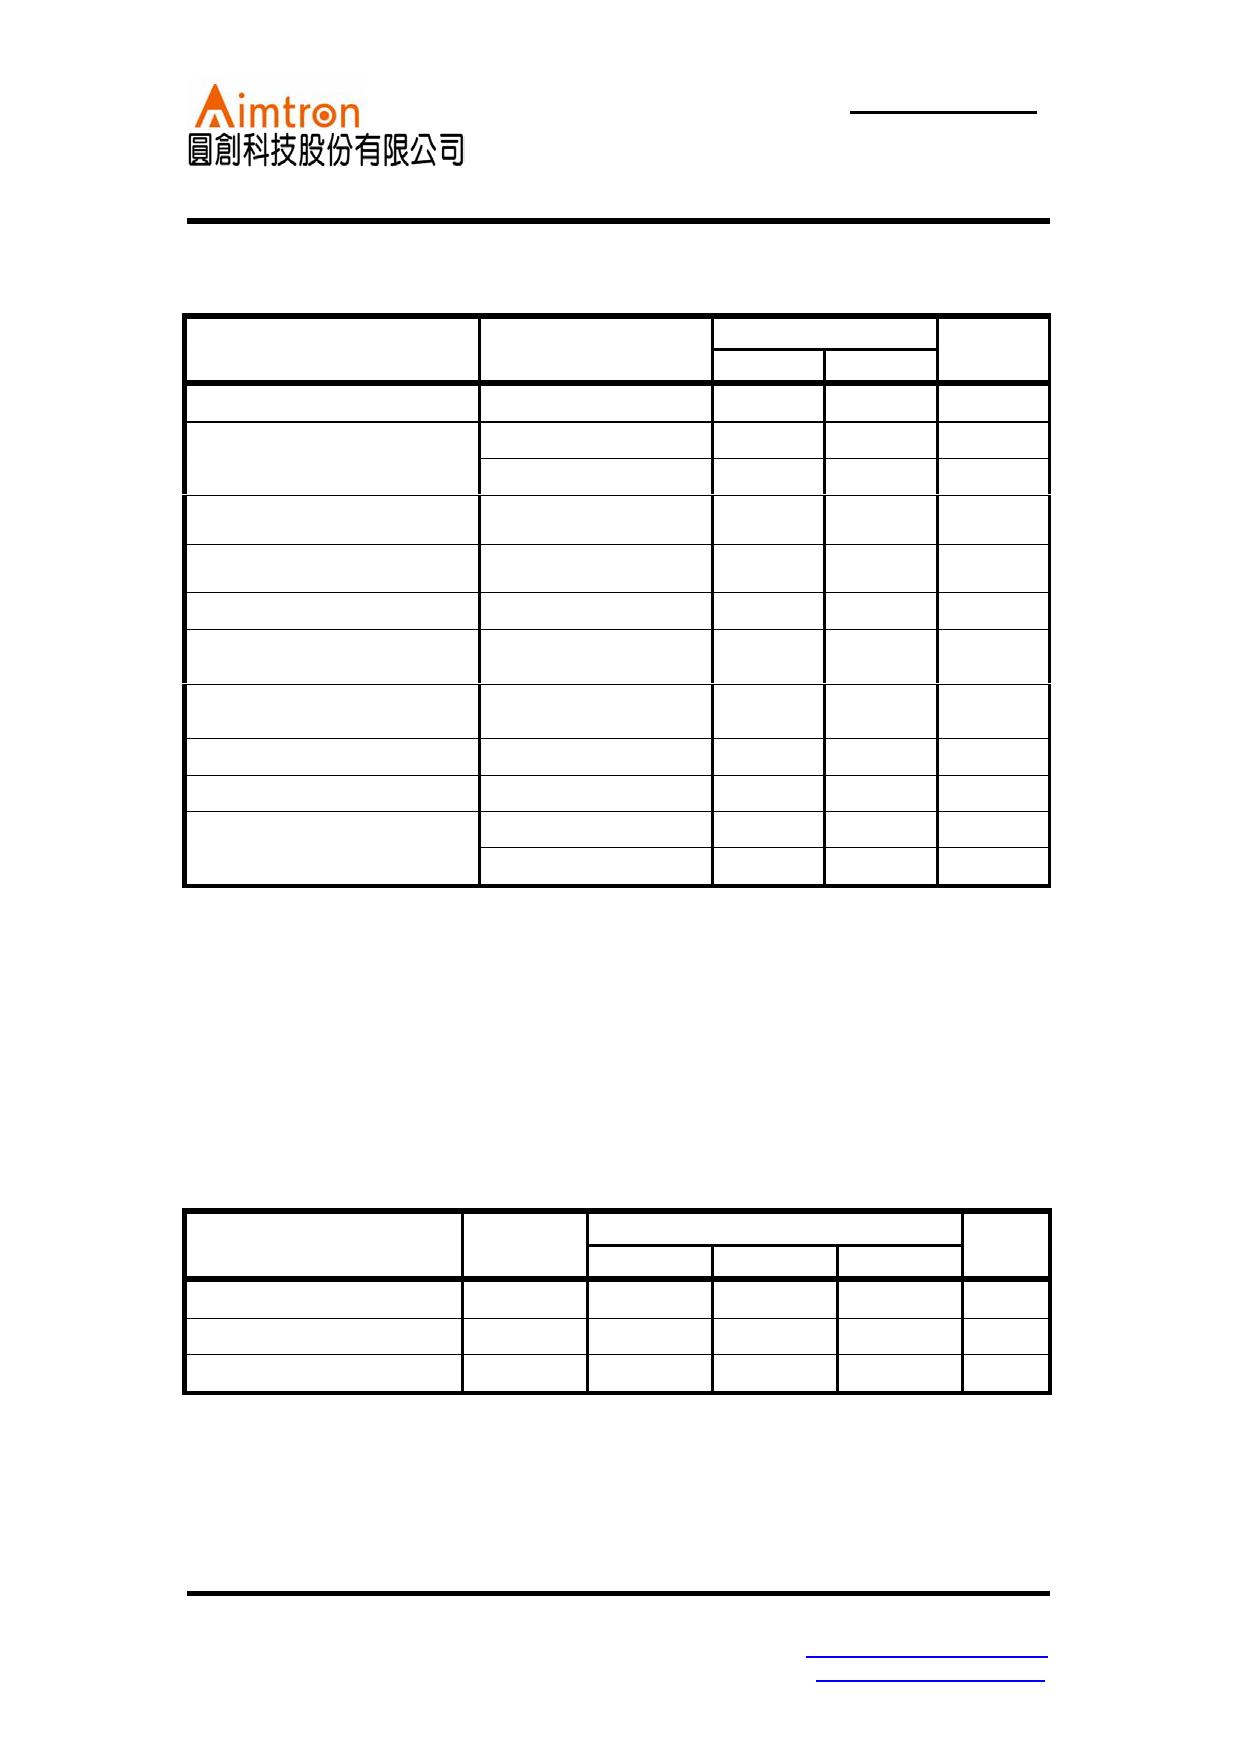 AT1362B pdf, ピン配列